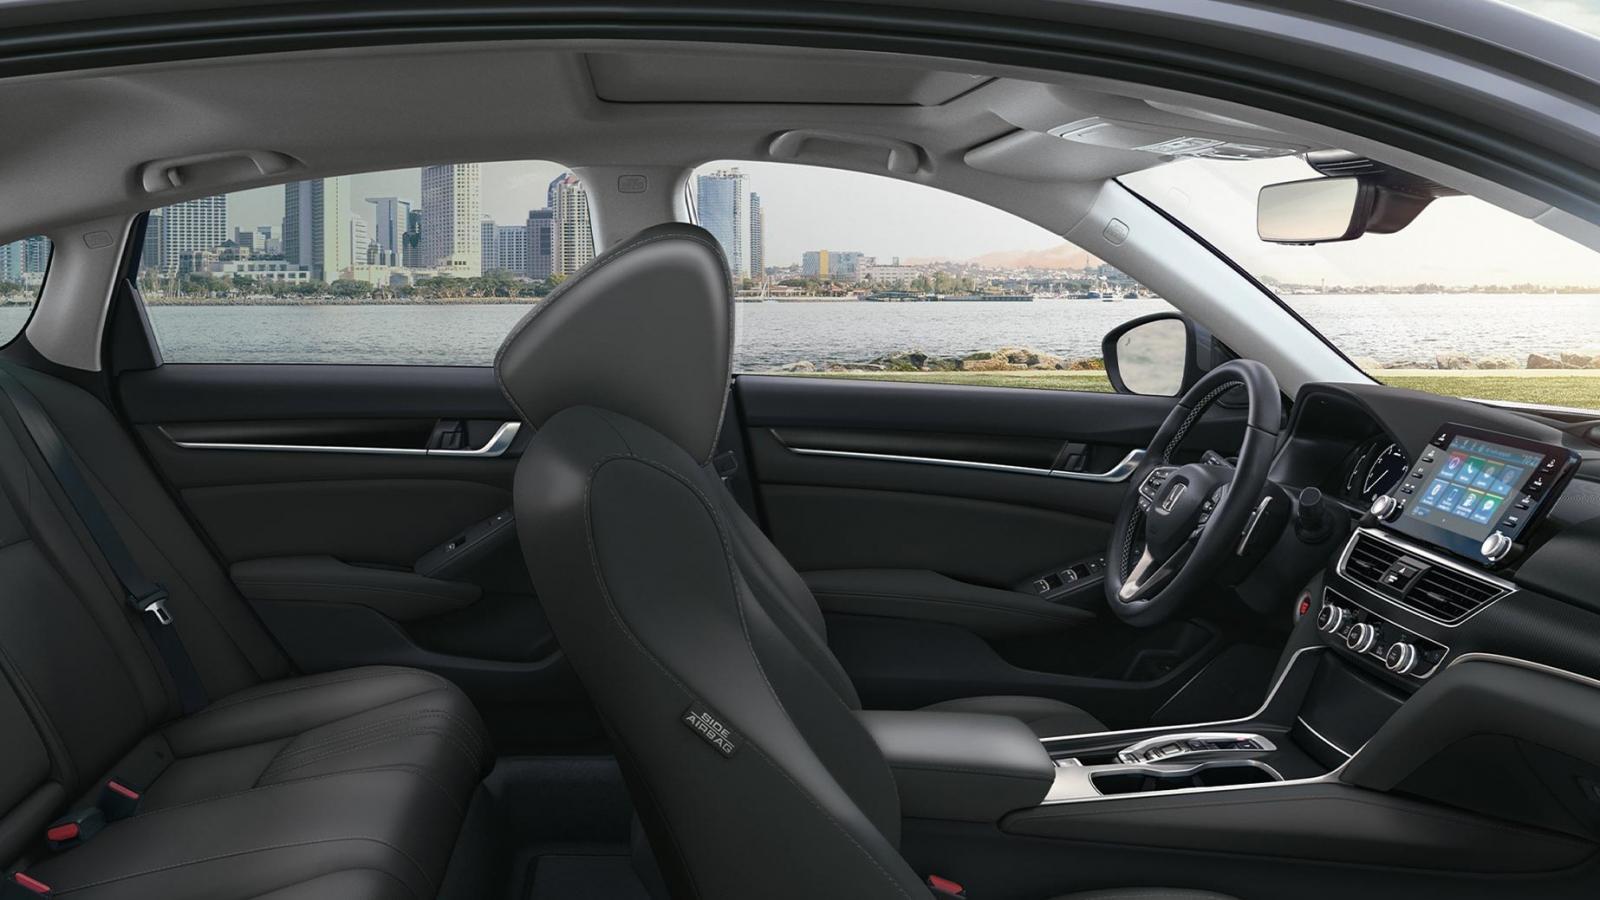 La cabina del Honda Accord Touring 2020 ofrece gran espacio a los pasajeros